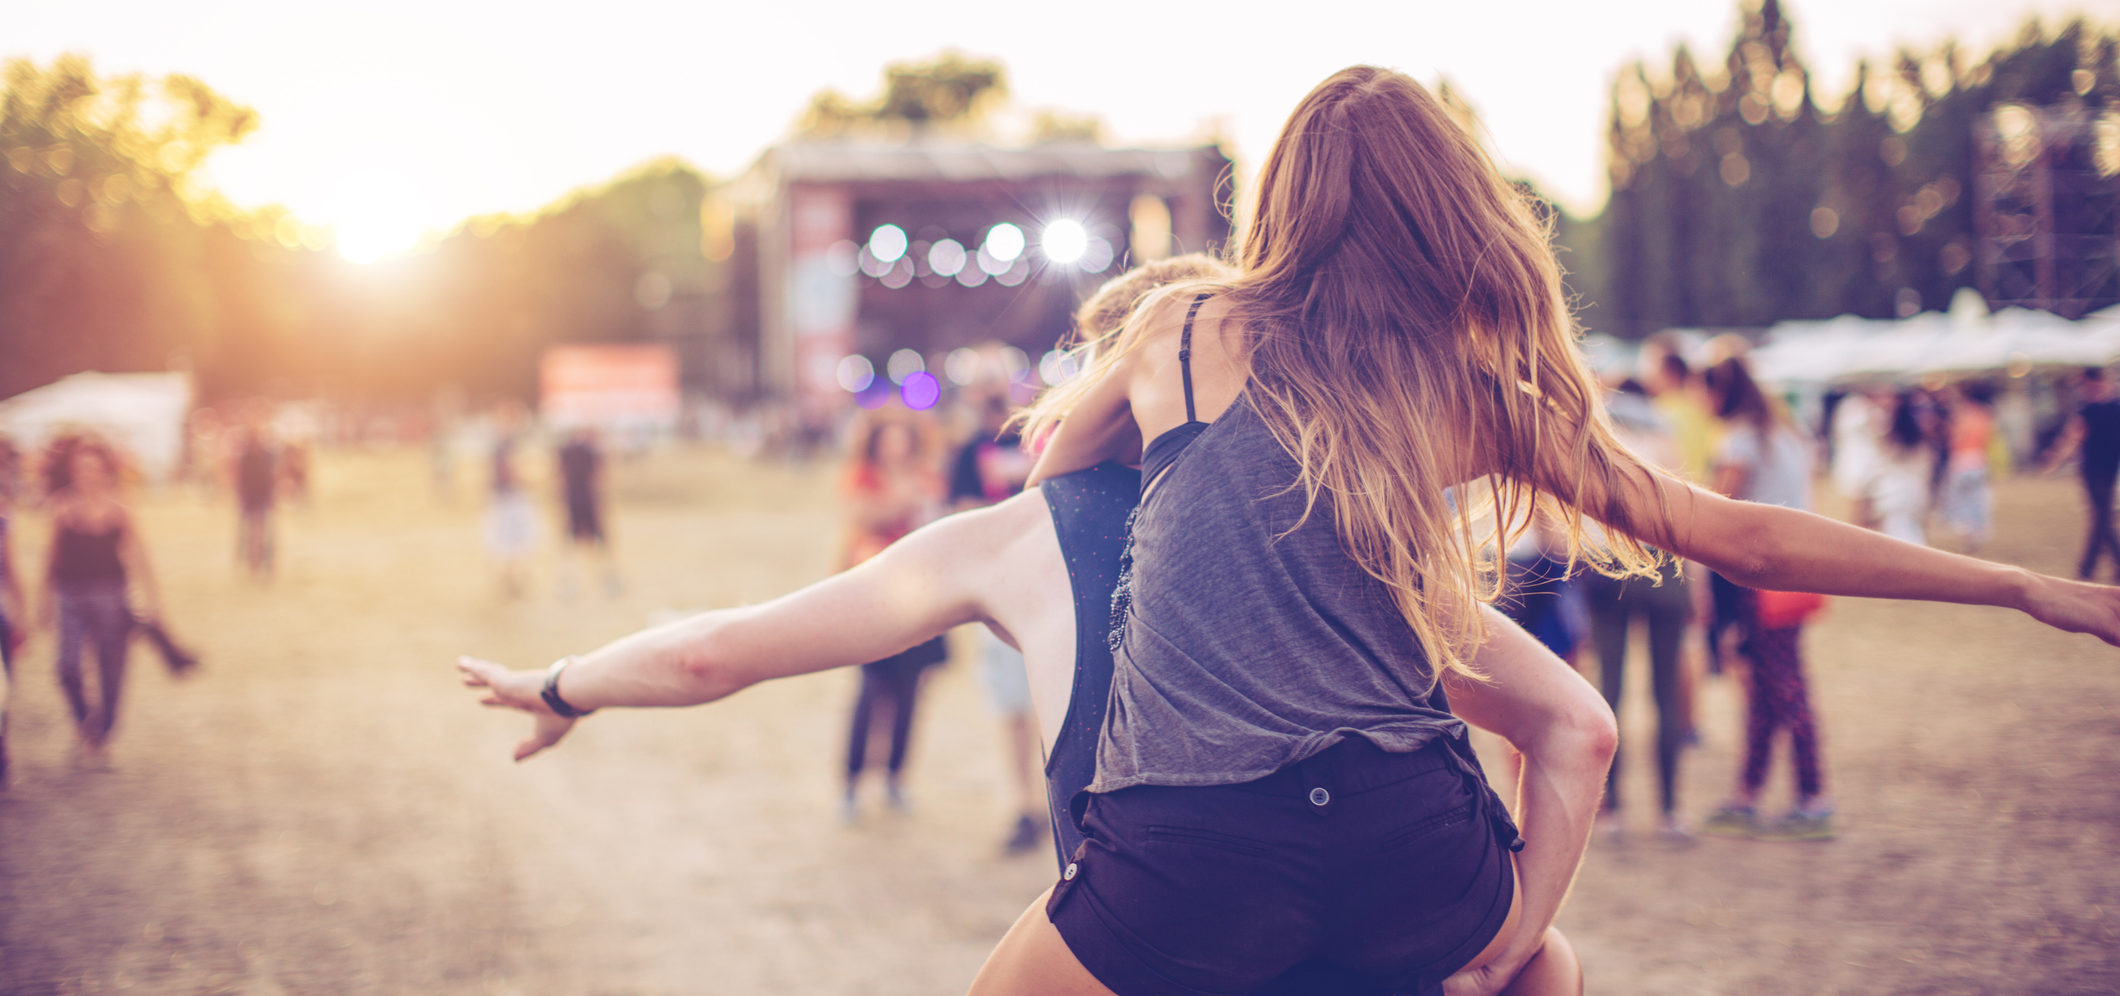 festival-vibes_1499103979.jpg